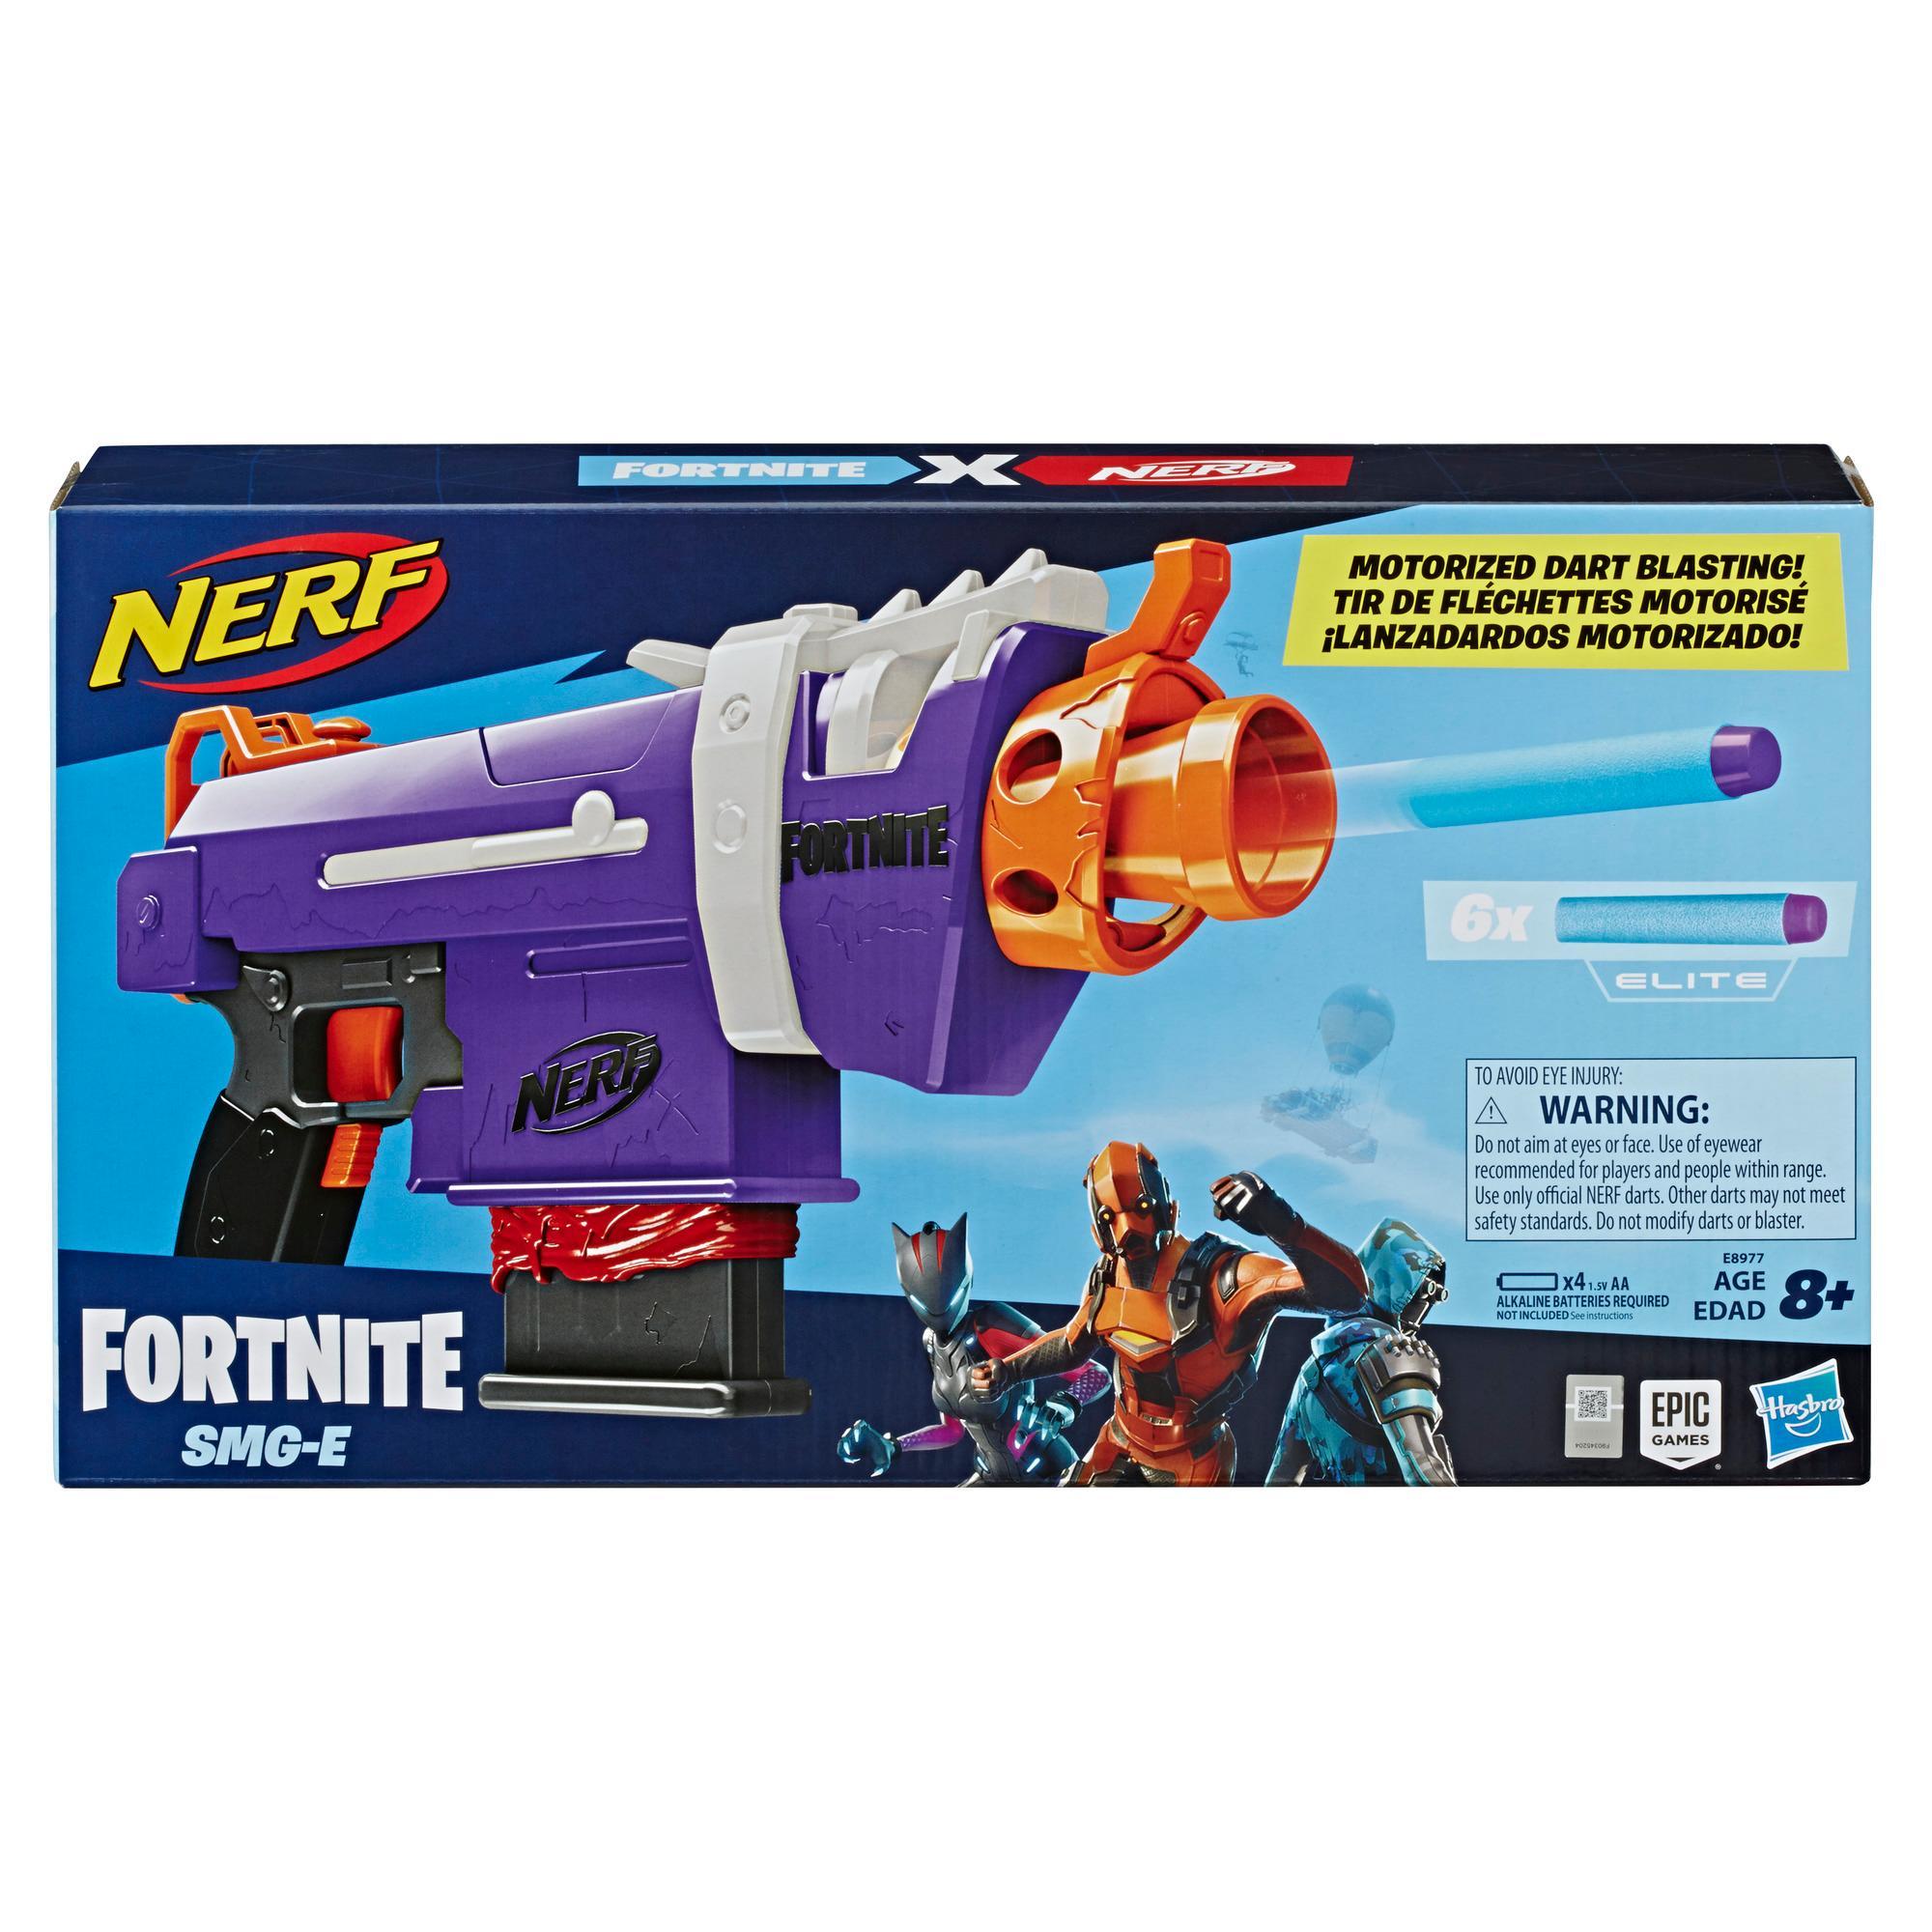 Μηχανοκίνητος εκτοξευτής Nerf Fortnite SMG-E -- Γεμιστήρας για 6 βελάκια, 6 επίσημα βελάκια Nerf Elite -- Για μεγάλα παιδιά, εφήβους, ενήλικες